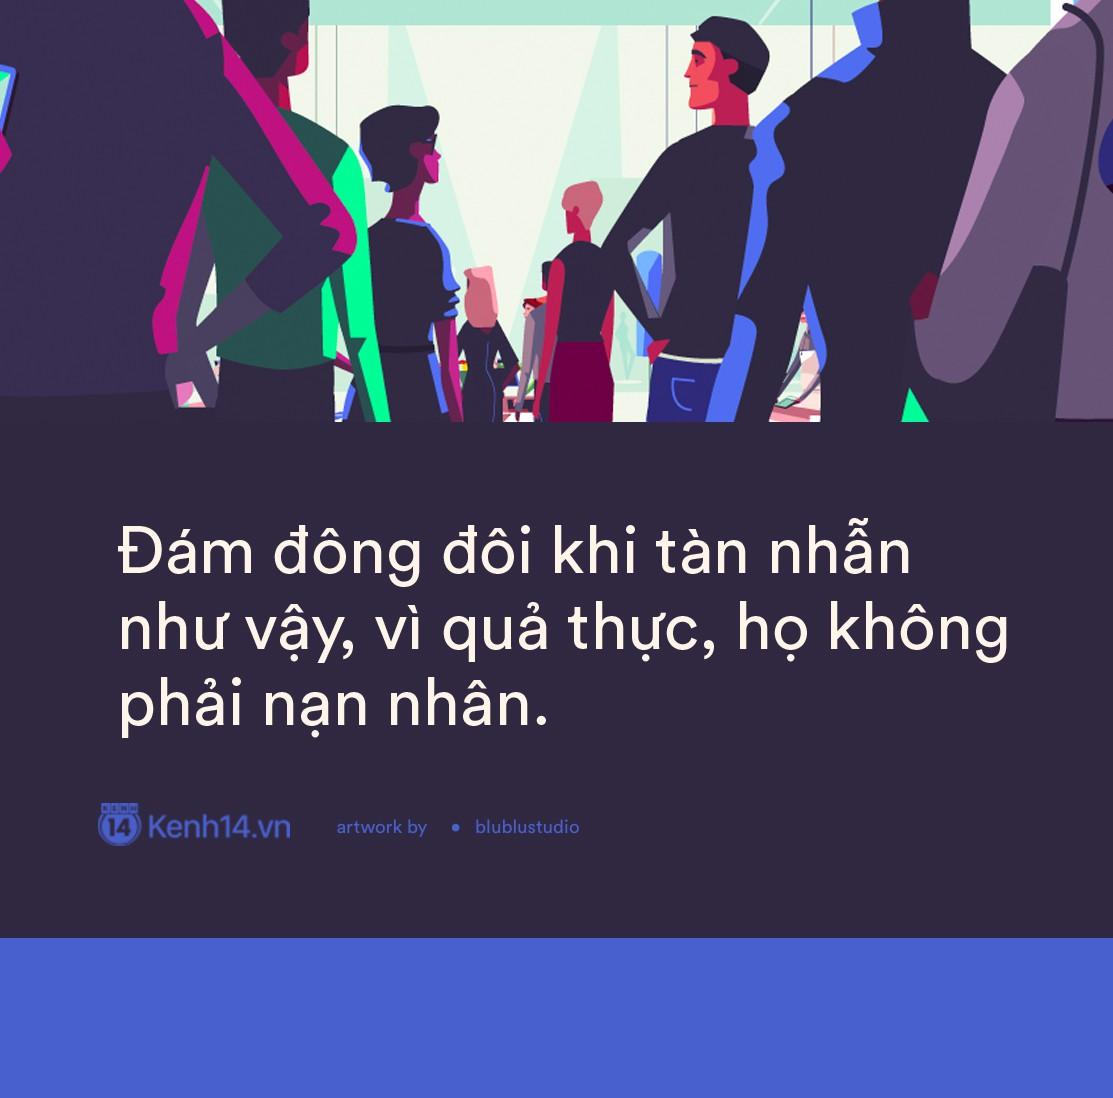 Từ chuyện cả Facebook xin link clip hotgirl: Đám đông đôi khi tàn nhẫn như vậy, vì họ không phải là nạn nhân - Ảnh 1.